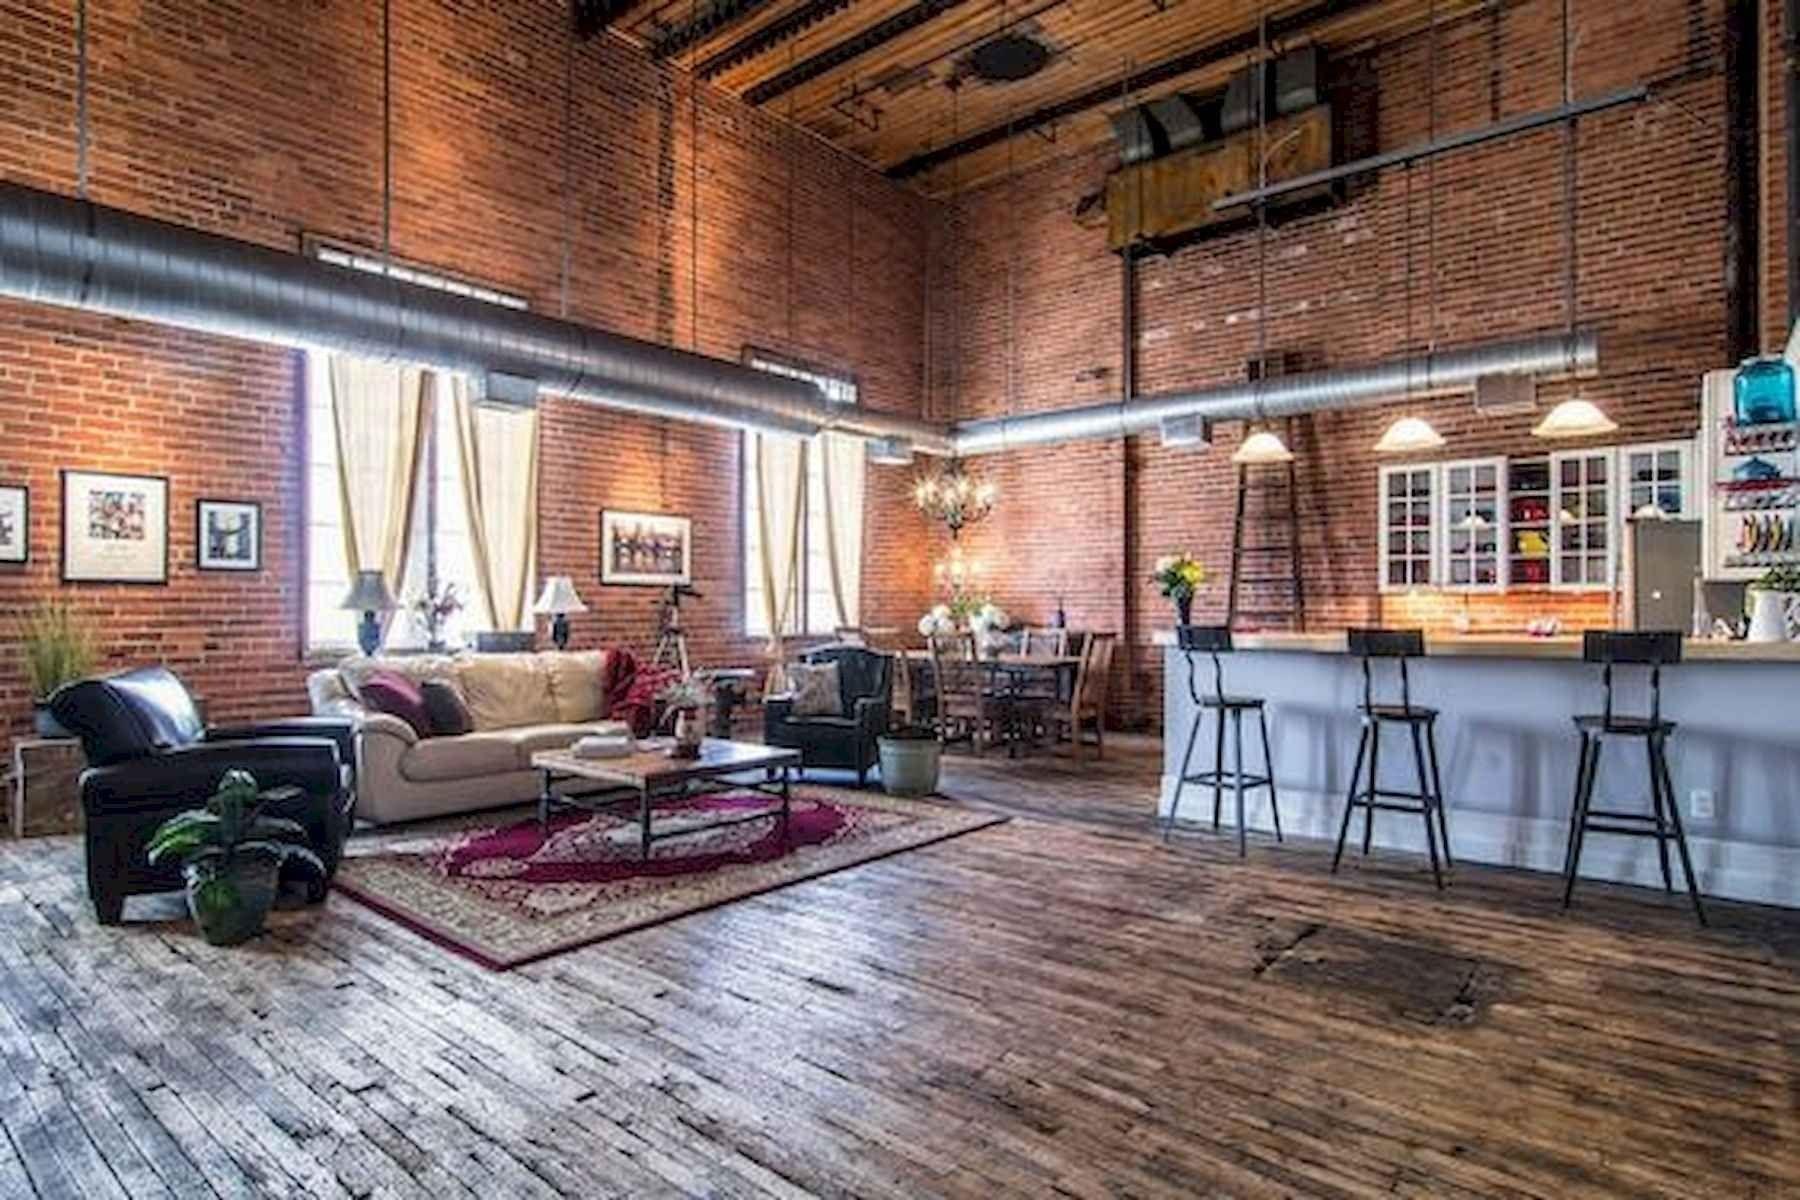 40 Rustic Studio Apartment Decor Ideas In 2020 Studio Apartment Decorating Brick Apartments Rustic Loft